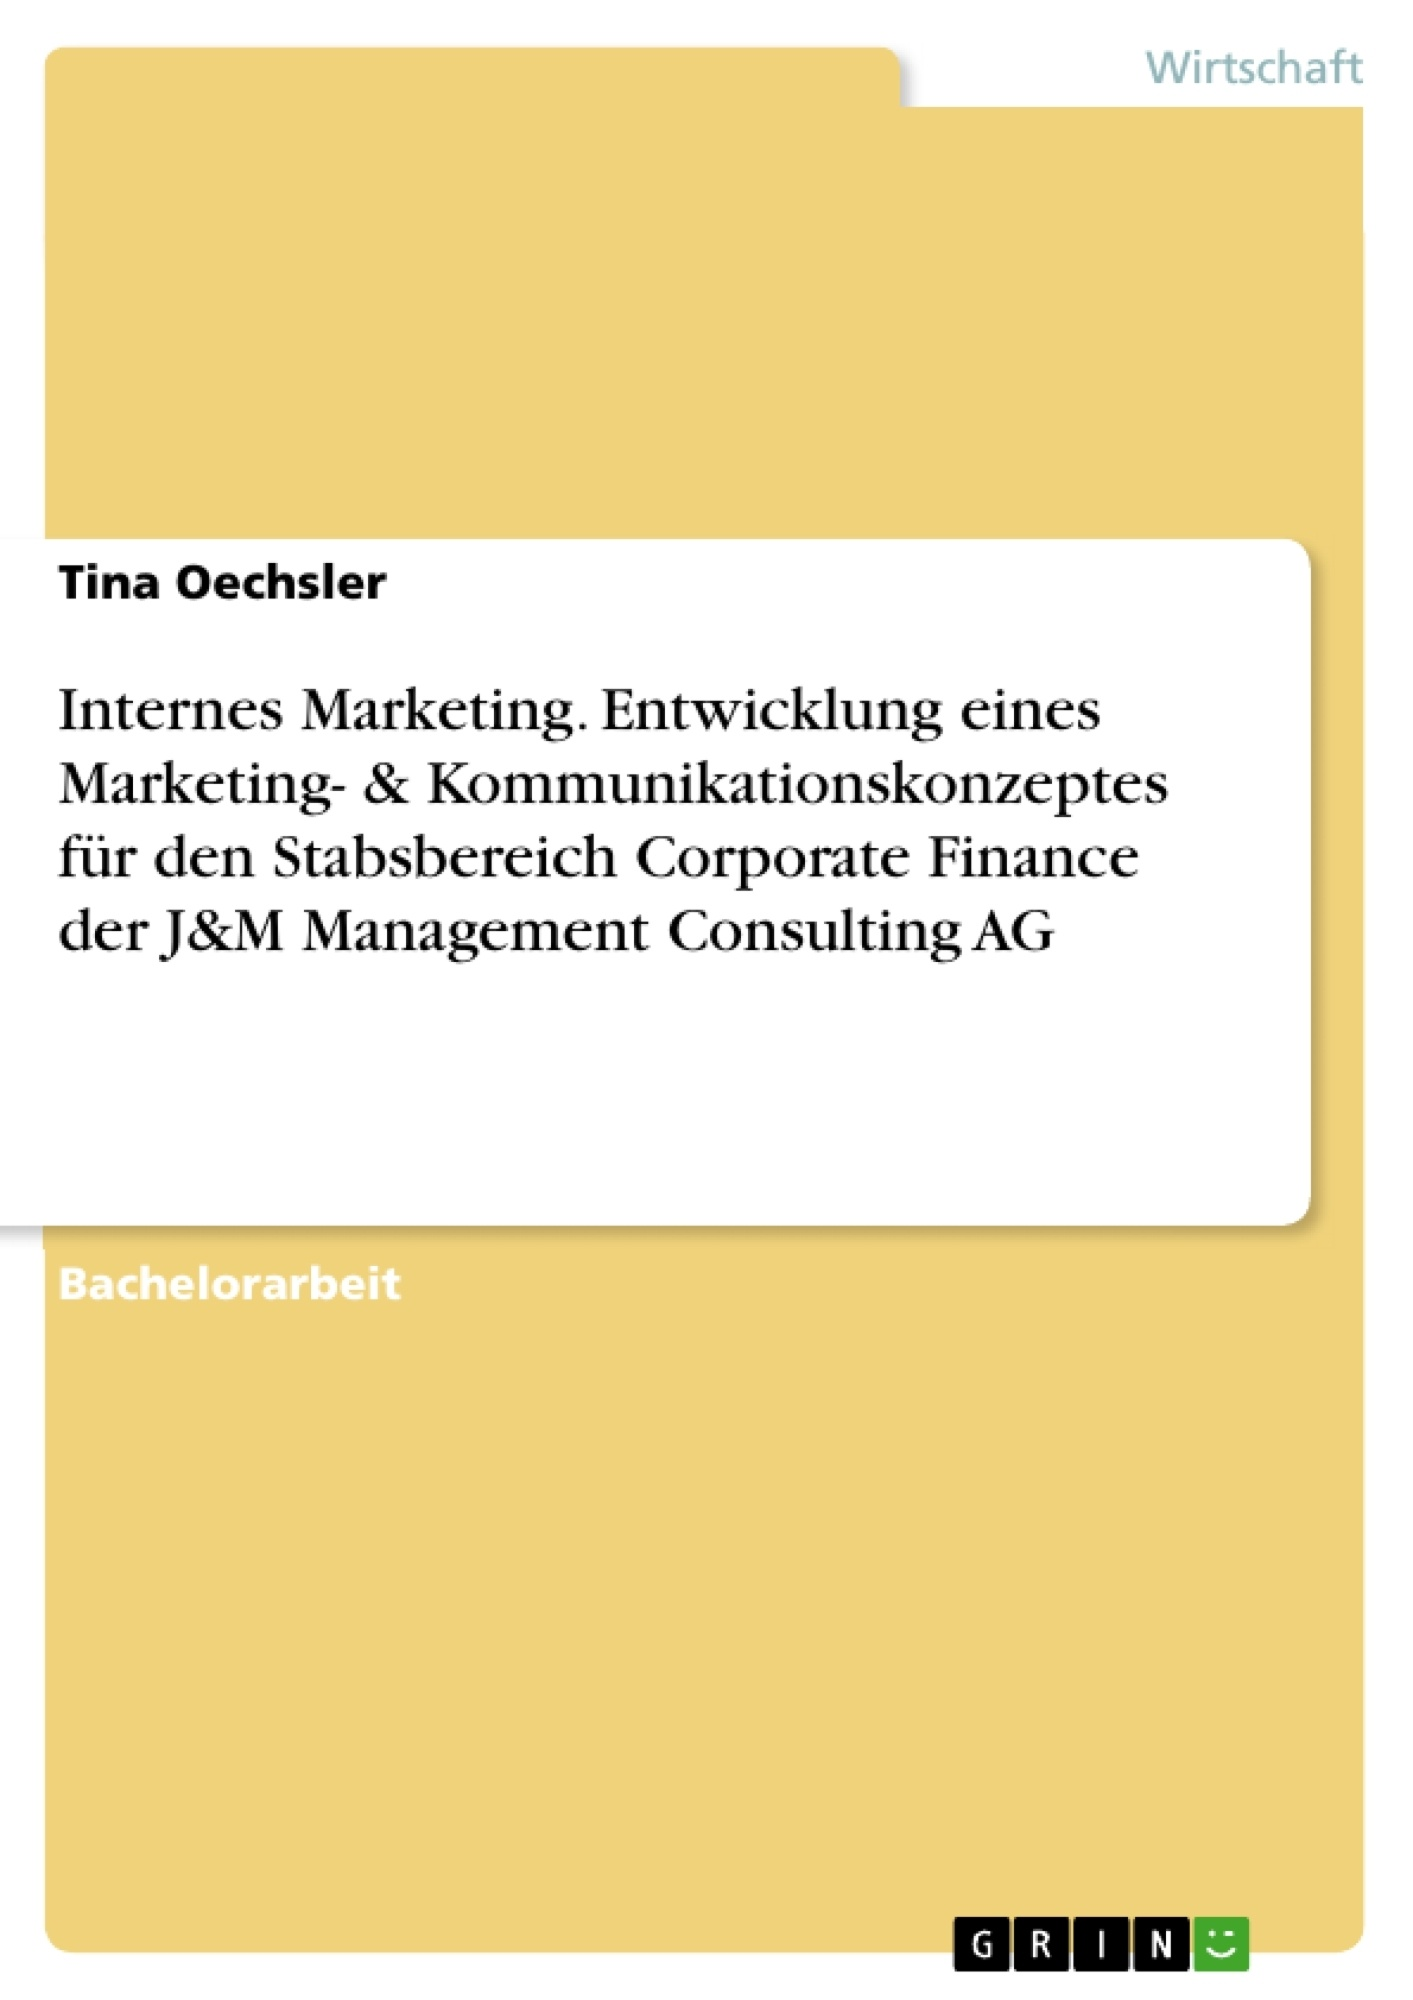 Titel: Internes Marketing. Entwicklung eines Marketing- & Kommunikationskonzeptes für den Stabsbereich Corporate Finance der J&M Management Consulting AG